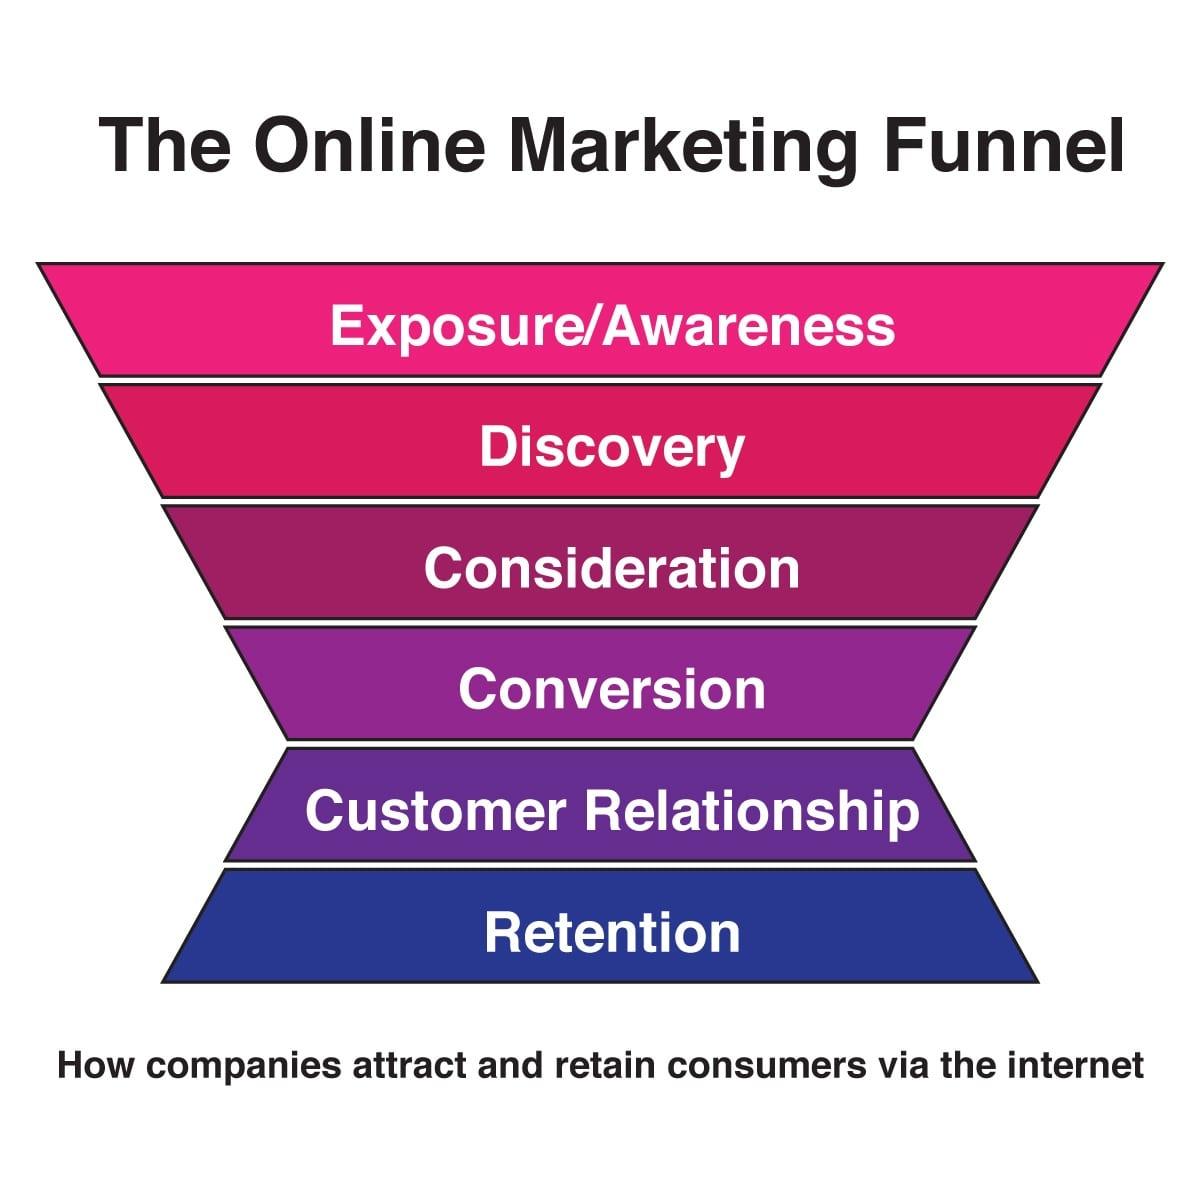 Il marketing funnel applicato alle app.